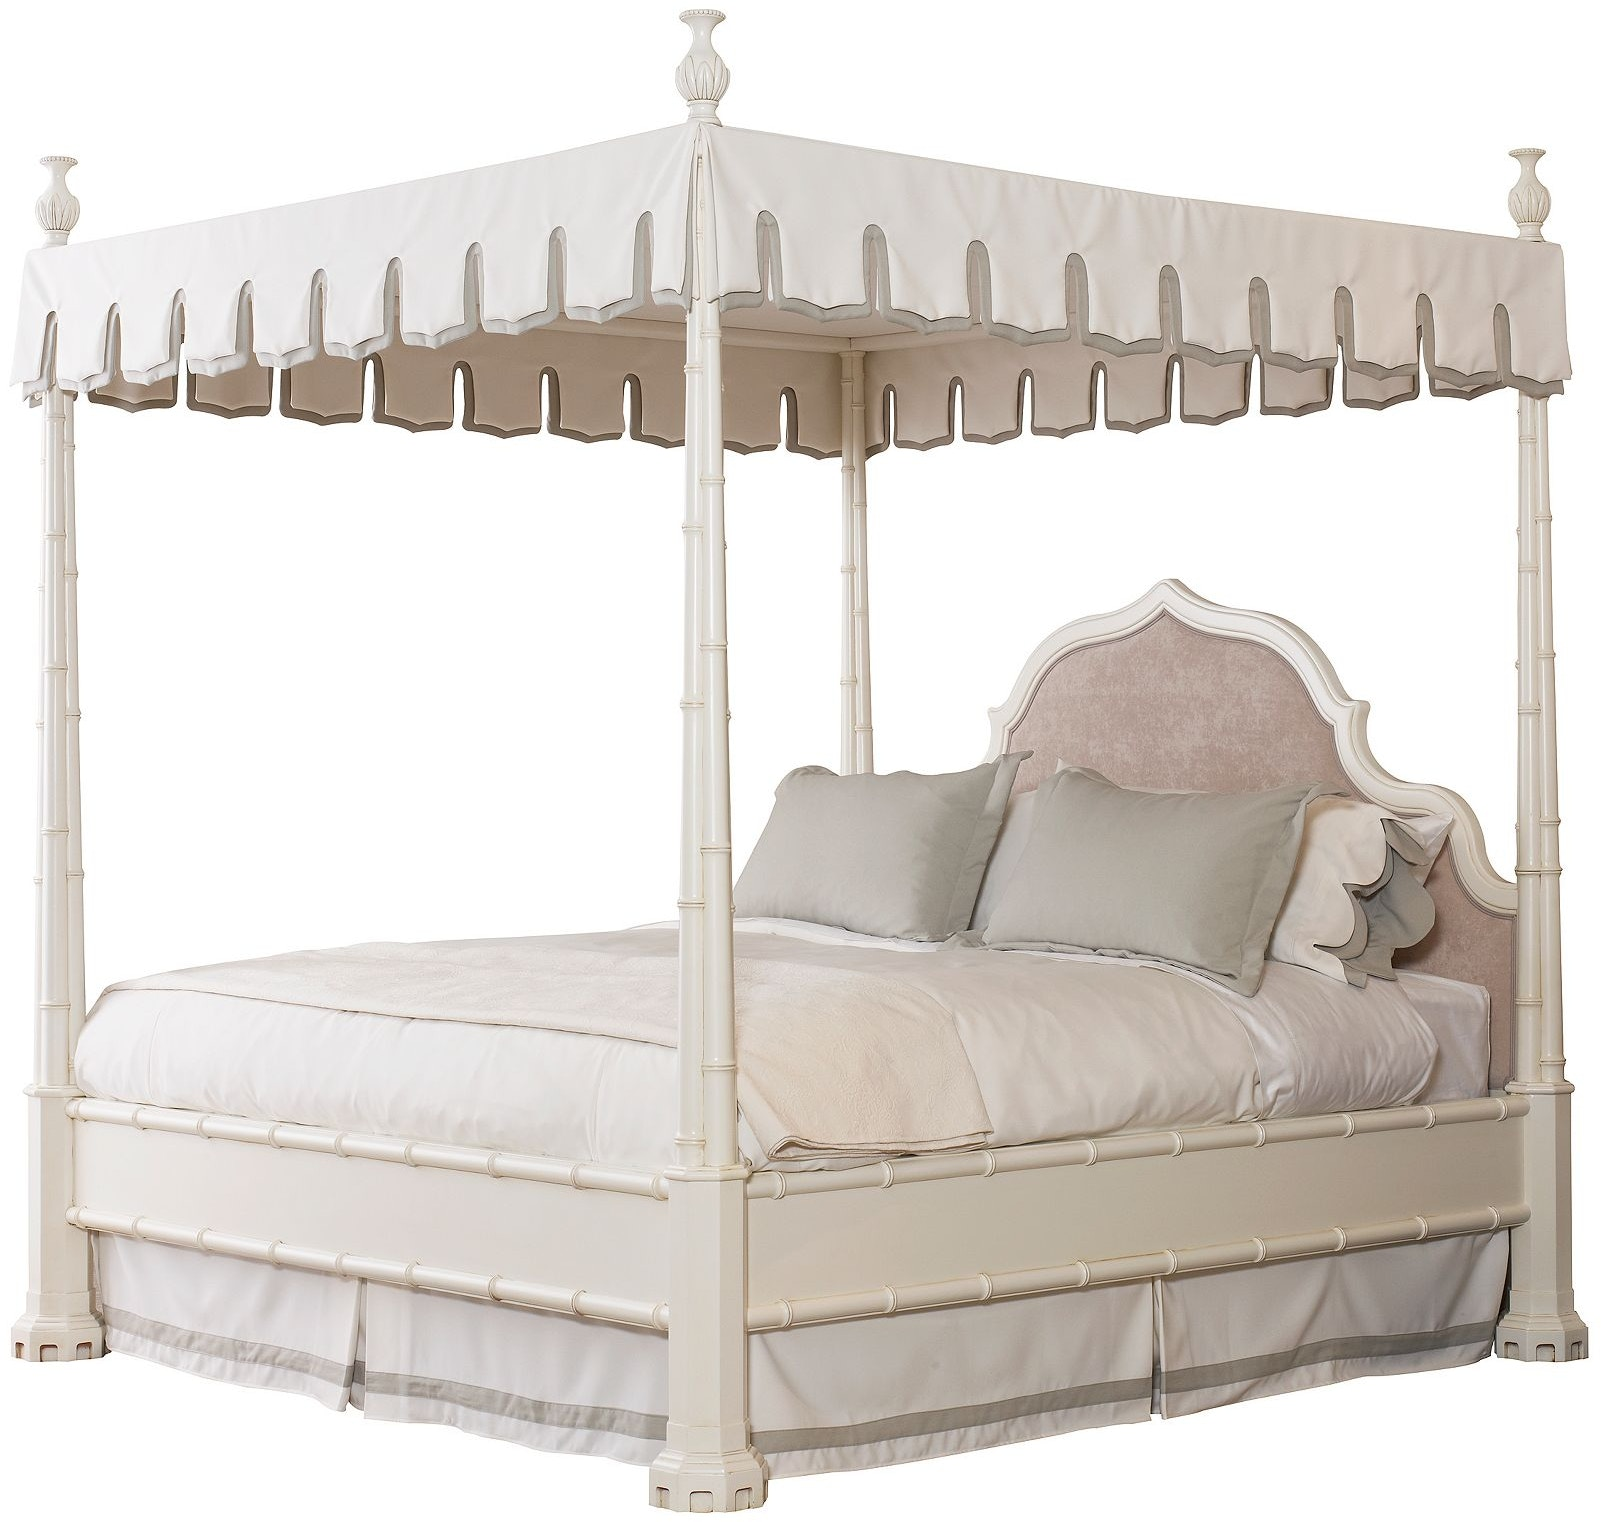 henredon furniture celerie kemble for henredon maddock bed with custom upholstered headboard 66 - Celerie Kemble Furniture